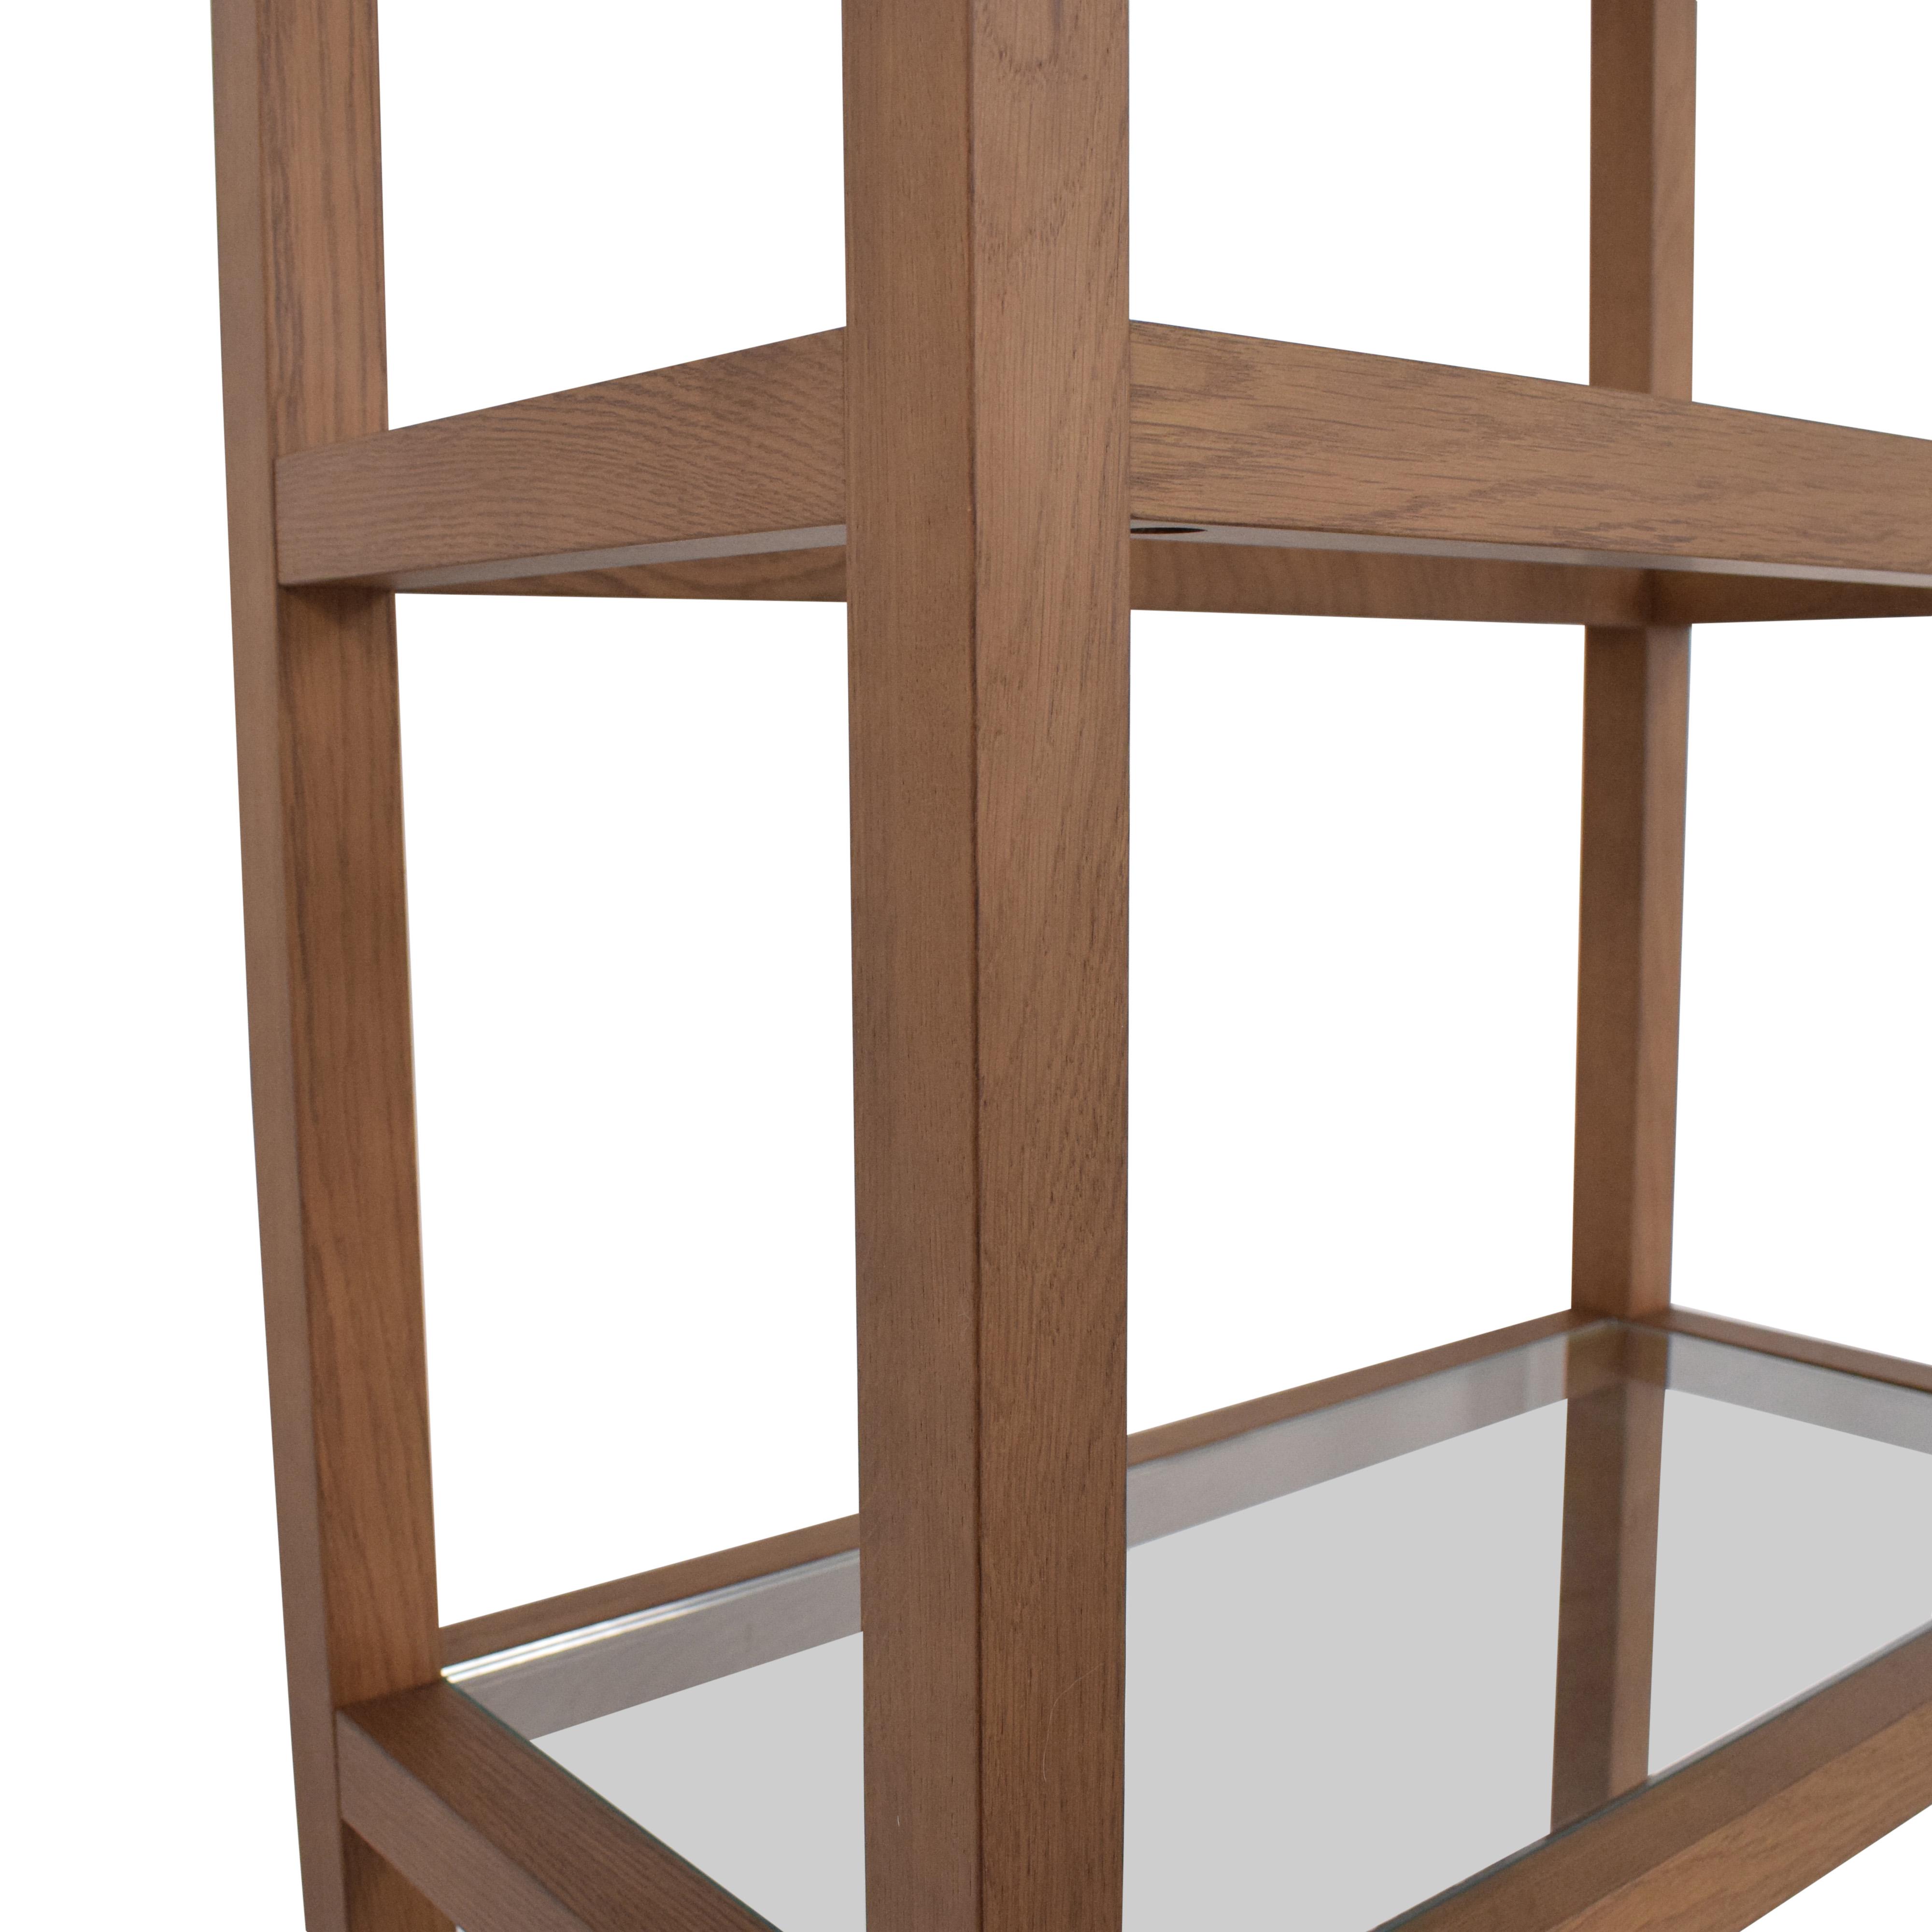 buy Crate & Barrel Anderson Bookcase Crate & Barrel Storage